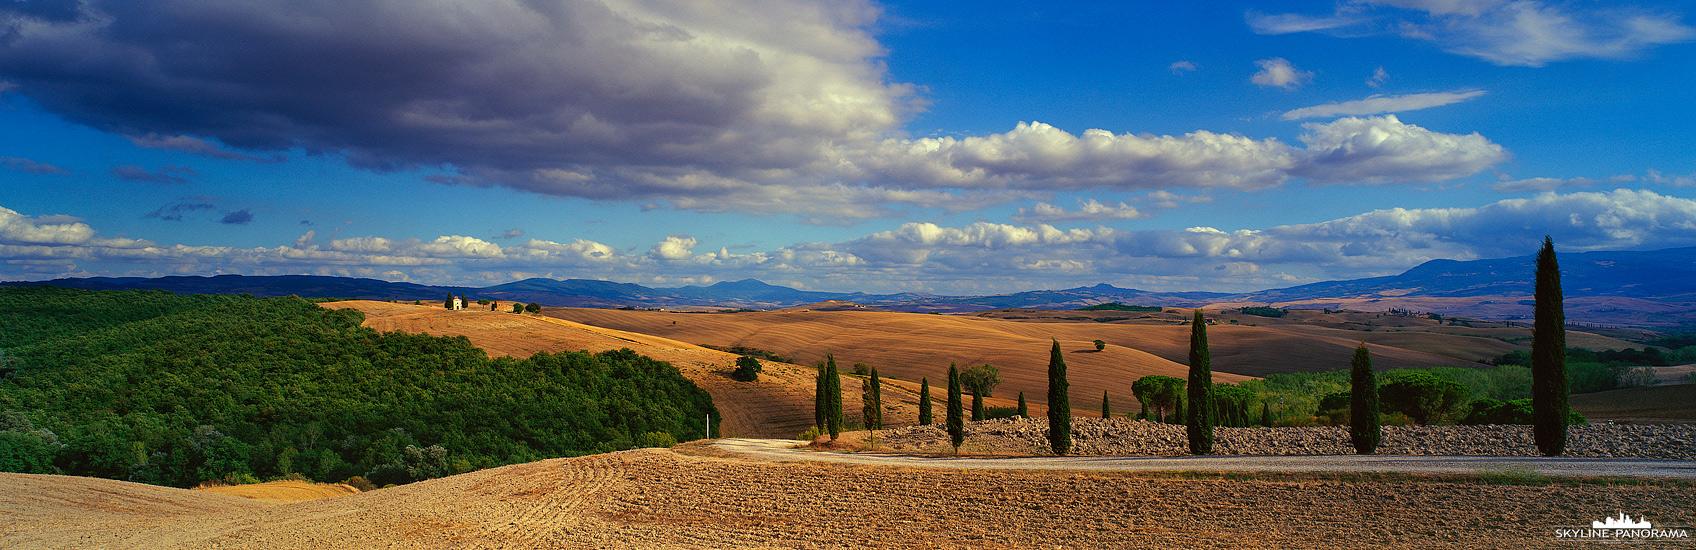 Panorama Italien – Eine Aufnahme als Panorama, welches in der Toskana entstanden ist und die typische Landschaft von Mittelitalien zeigt. Malerische Wege, die geschwungen verlaufen und meist von Zypressen gesäumt sind, sind ein beliebtes Motiv in der Toskana.